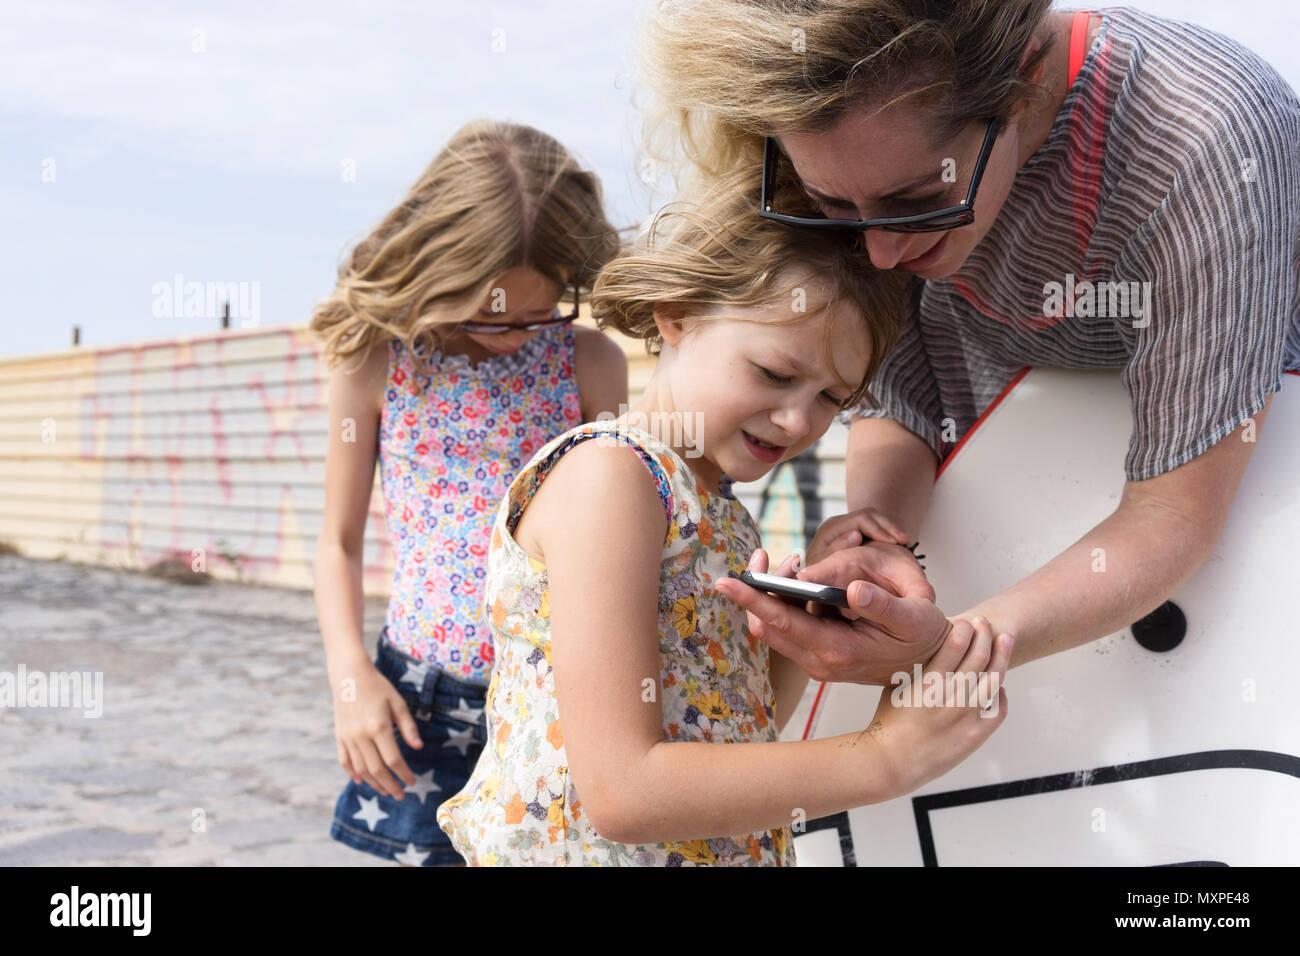 Die Mutter, die ihre Tochter etwas auf ihr Mobiltelefon mit der anderen Tochter im Hintergrund Stockbild